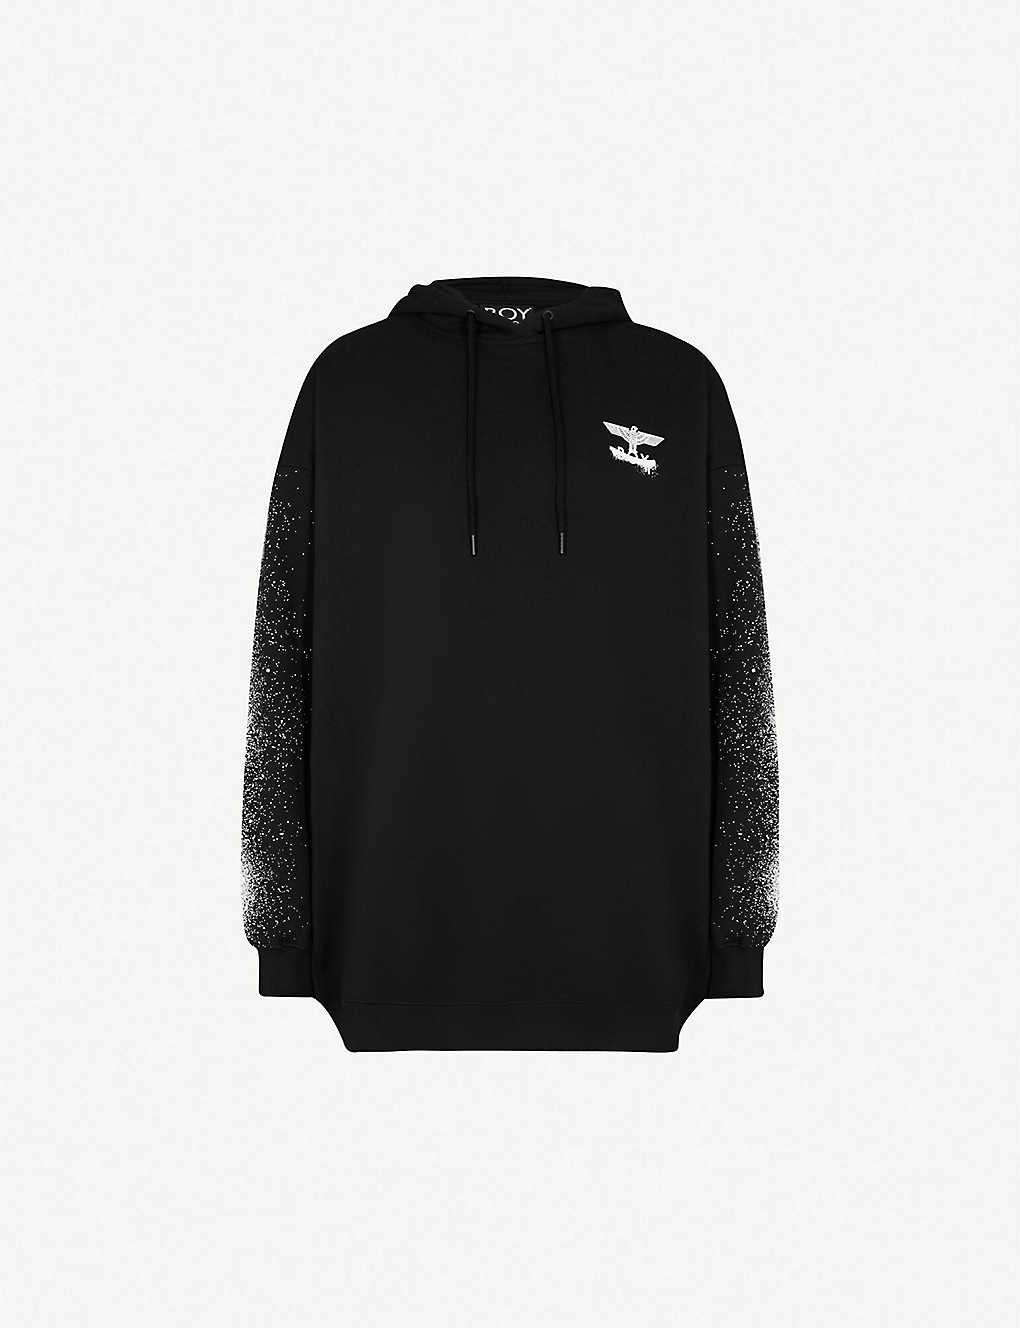 91e31bae059a BOY LONDON - Fake cotton-jersey hoody